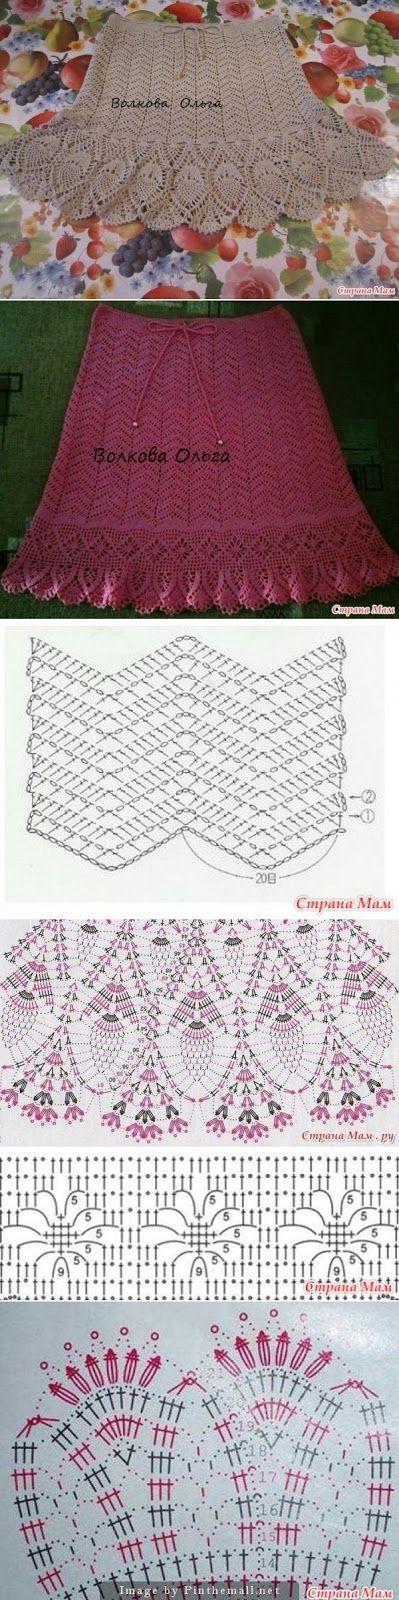 Luty Artes Crochet: Saias em crochê + Gráficos.                                                                                                                                                      Mais